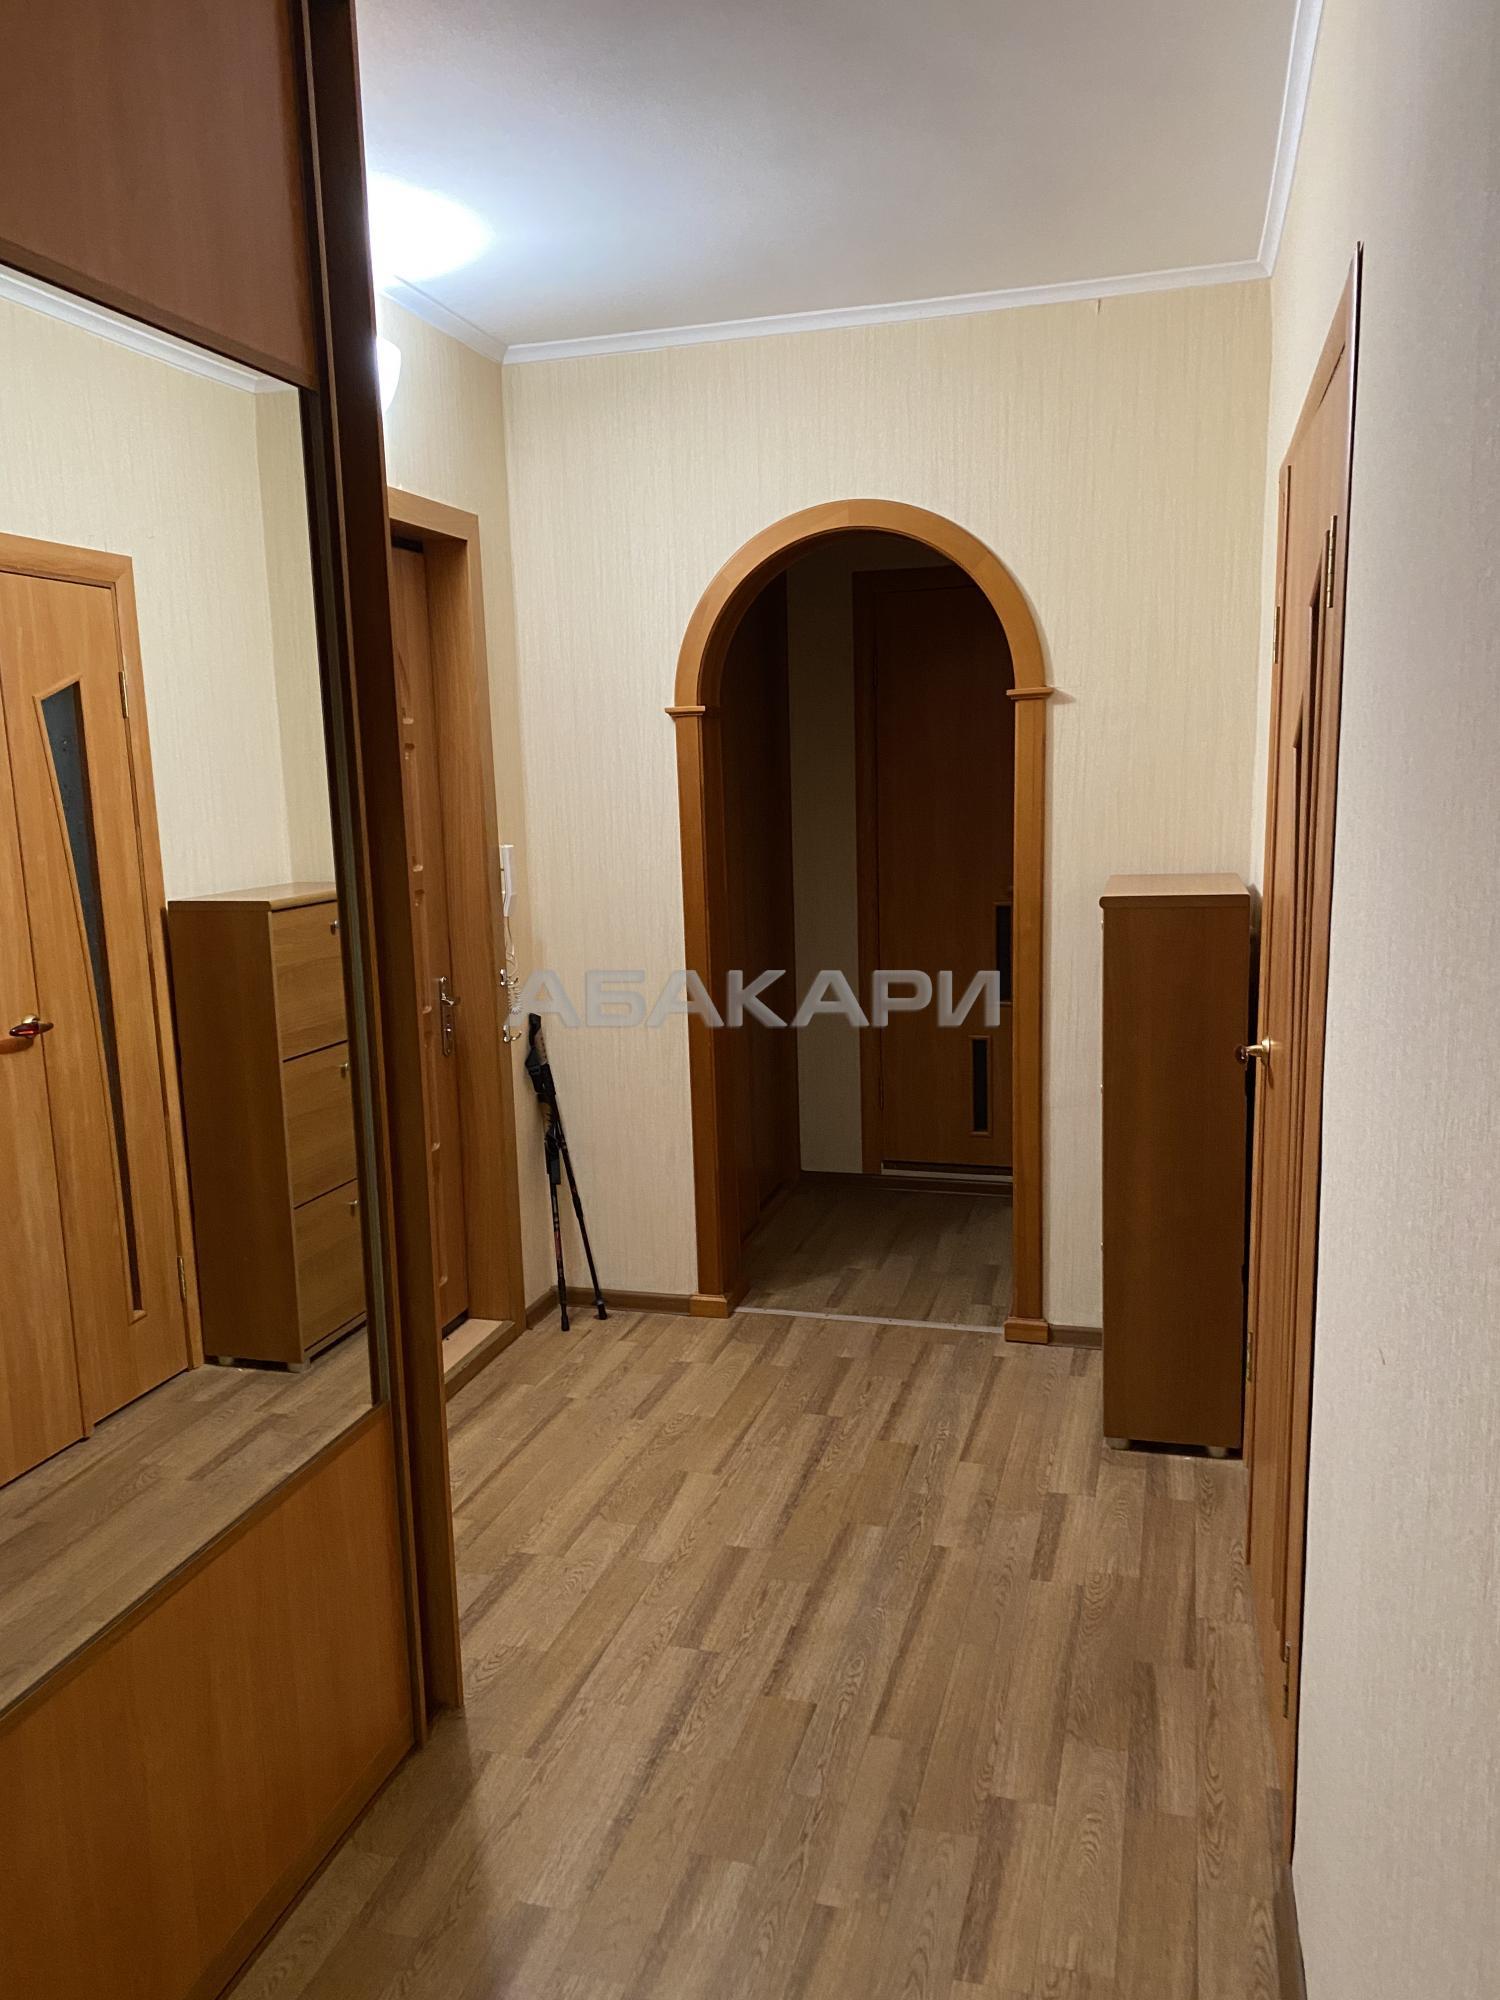 2к квартира улица Устиновича, 34А 9/10 - 54кв | 20000 | аренда в Красноярске фото 8